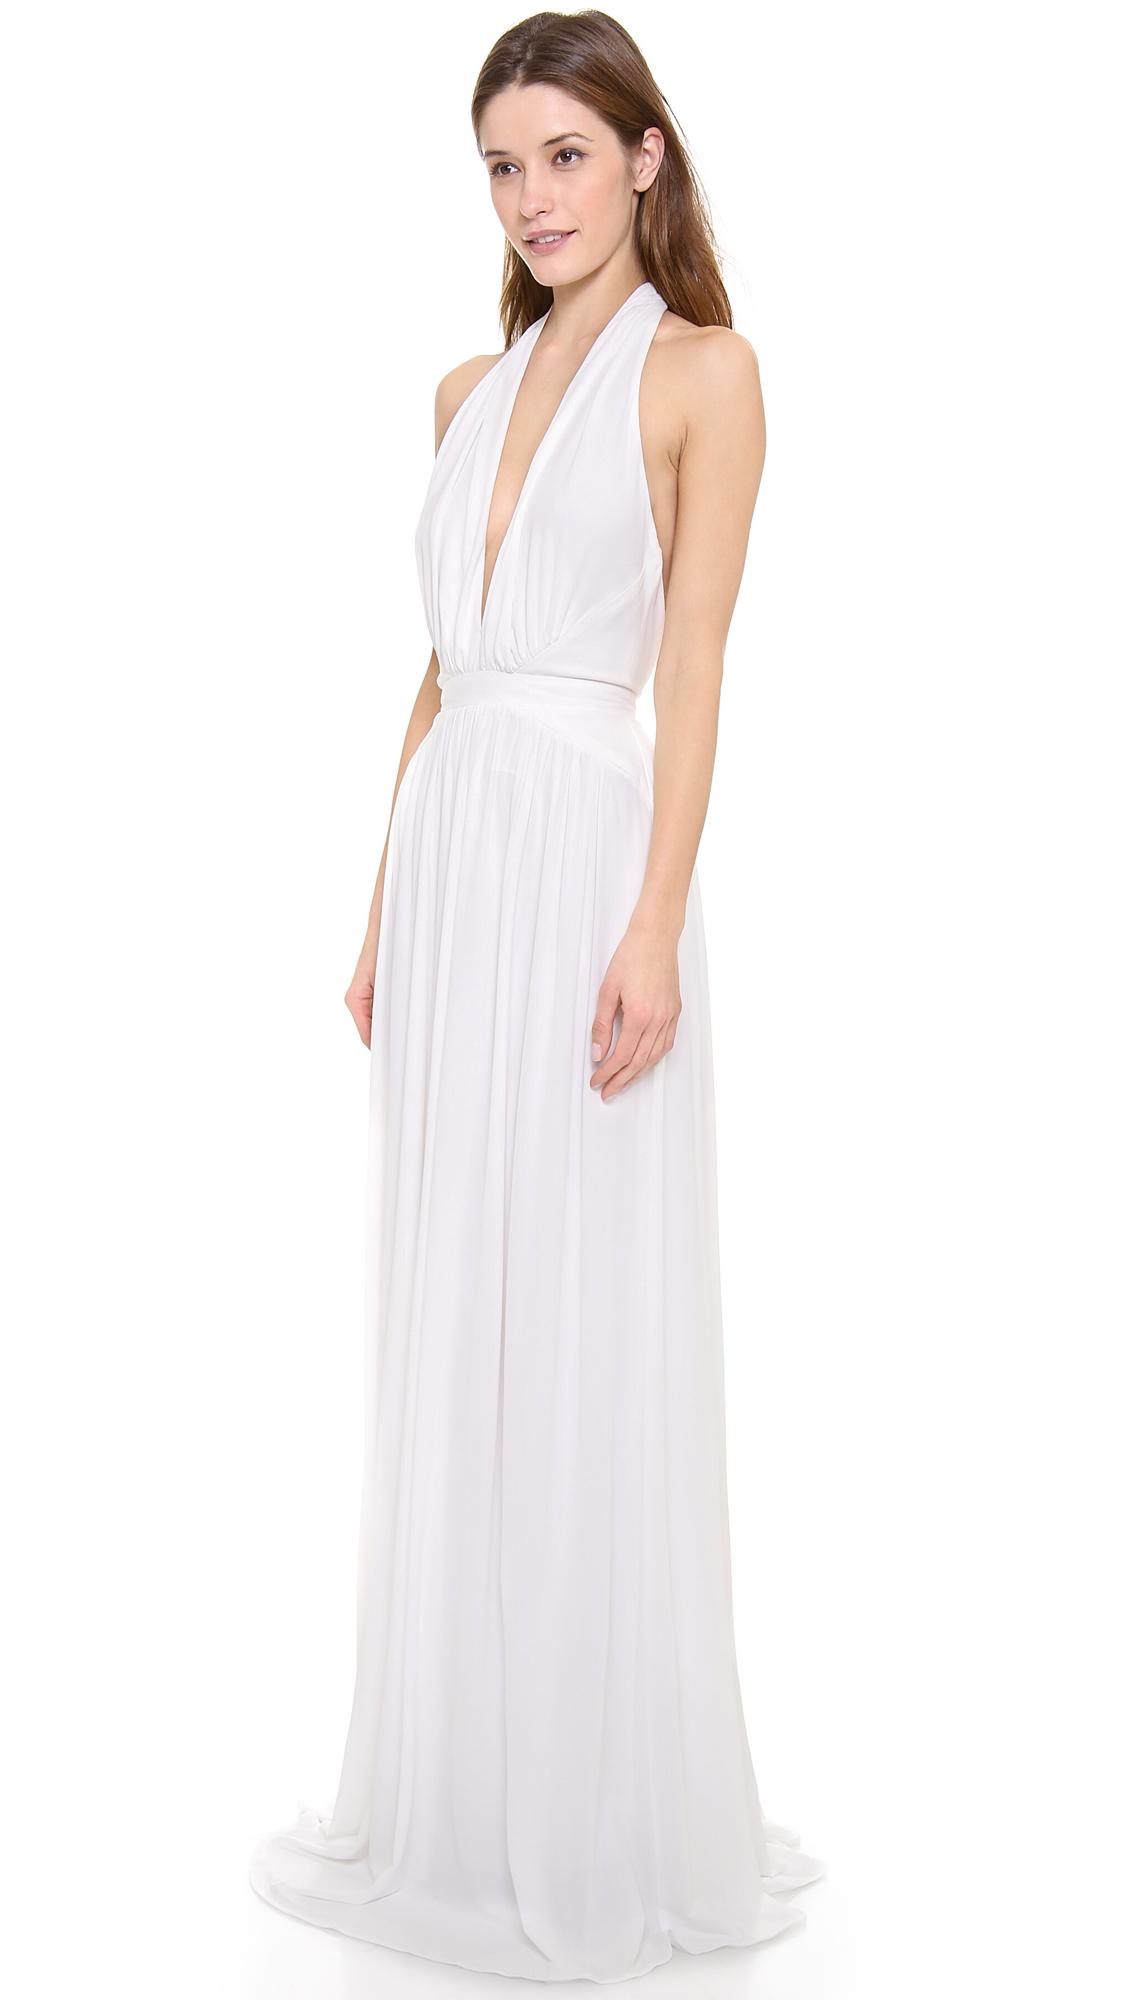 Lyst - Issa Halter Gown in White